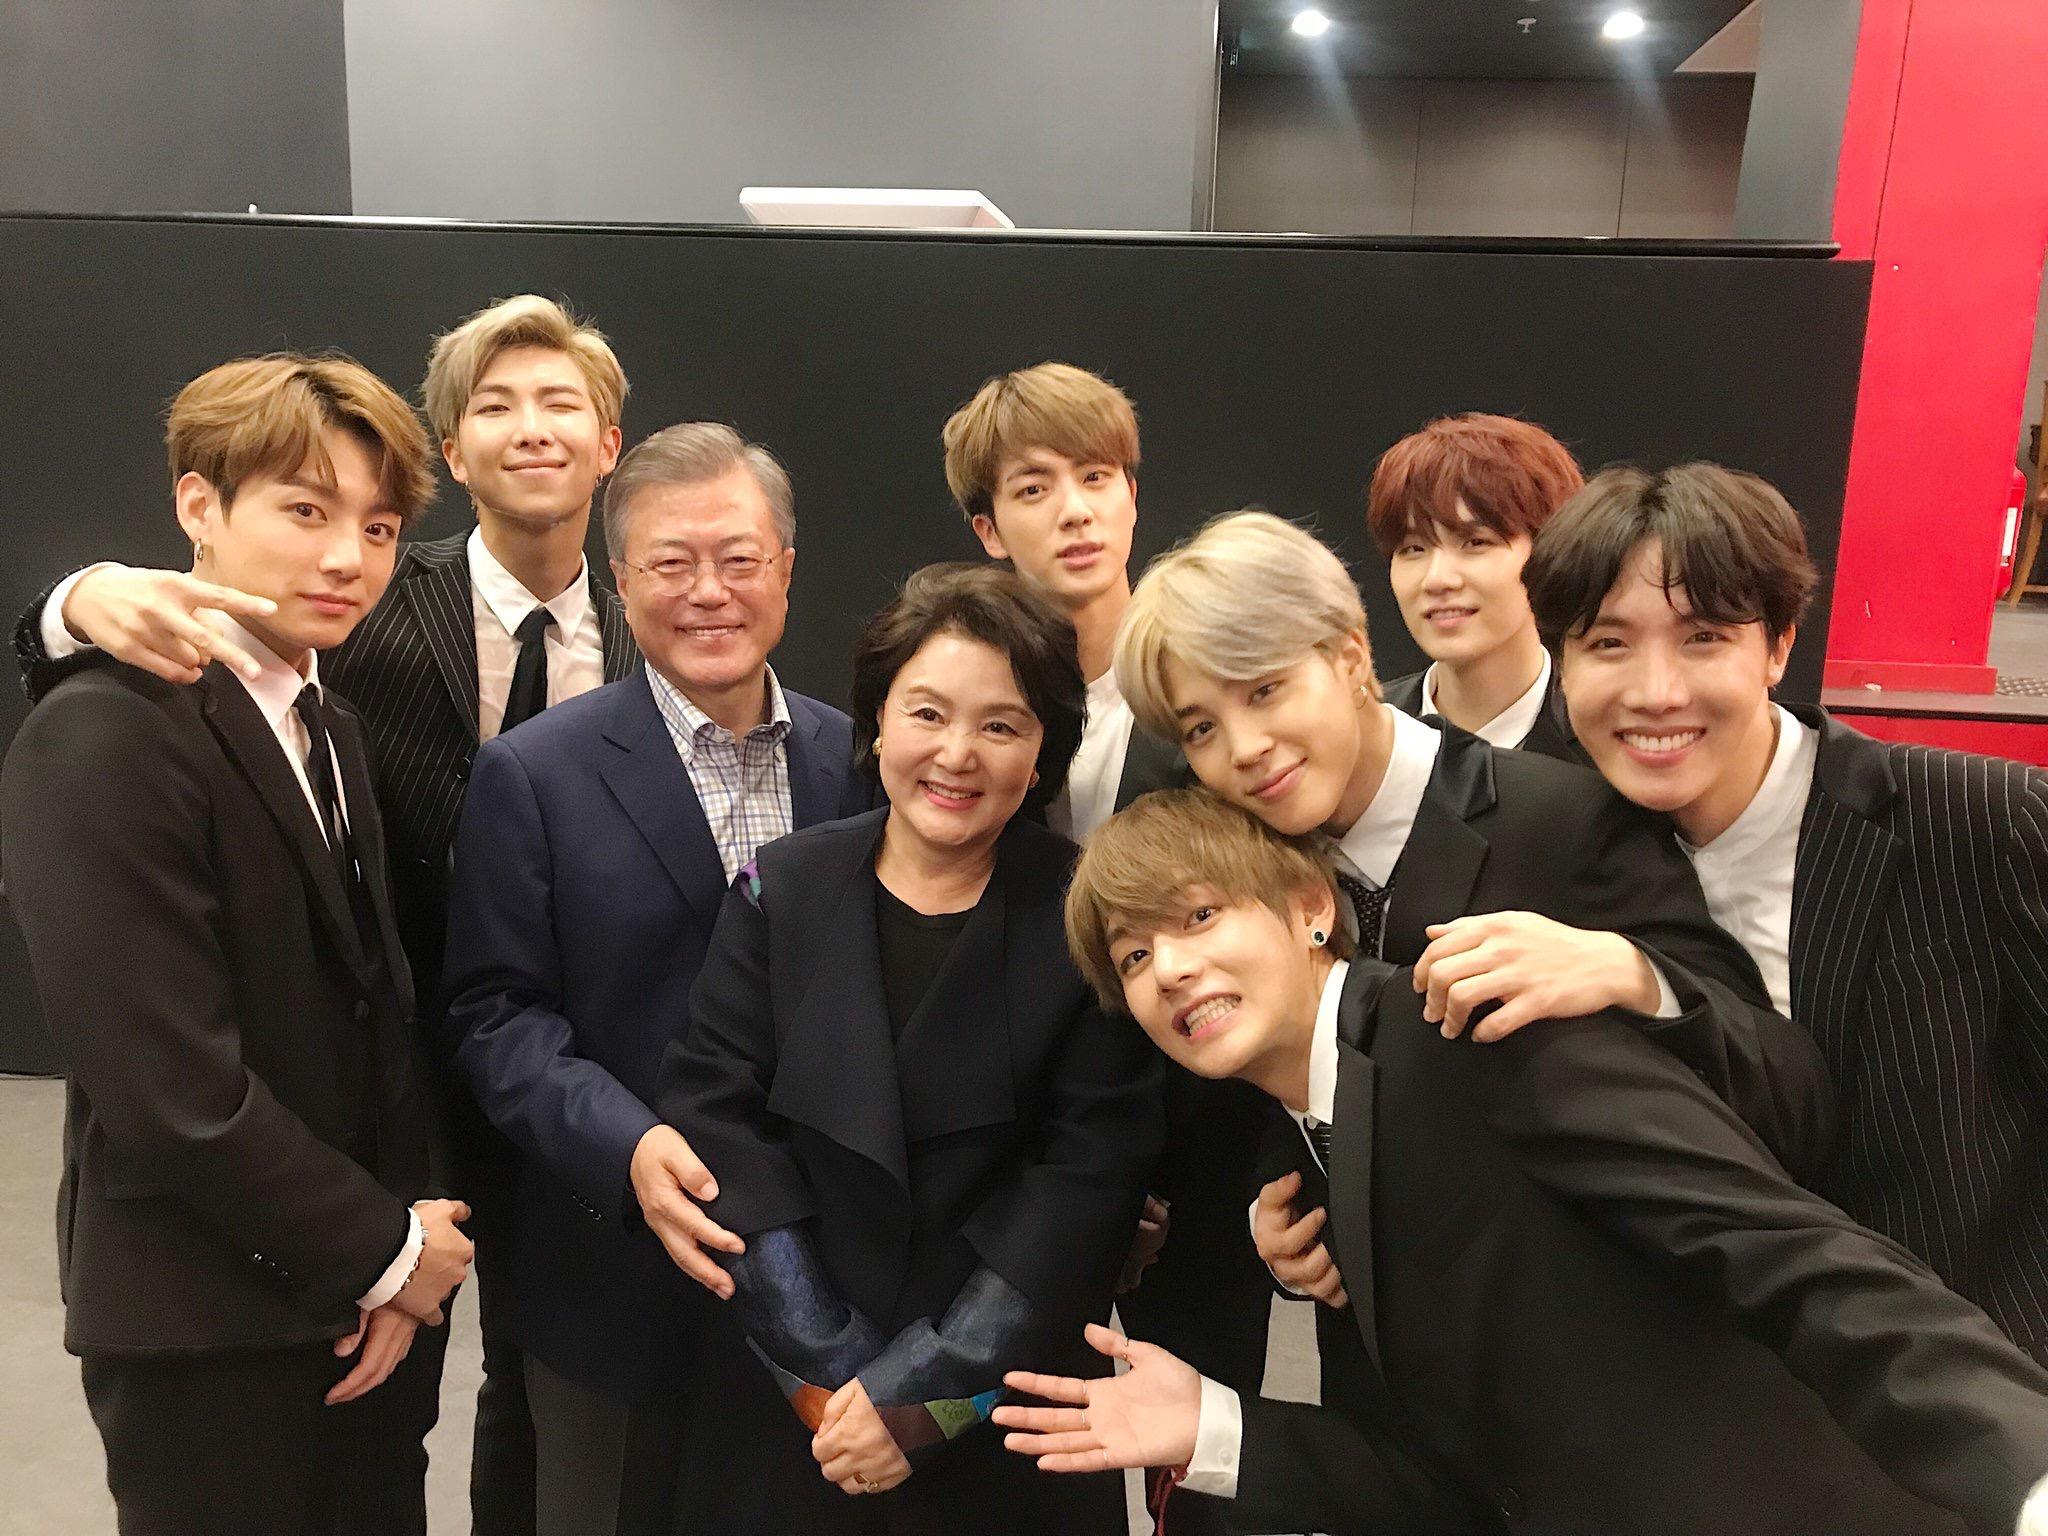 BTS] ร่วมแสดงใน Korea-France Friendship Concert ต่อหน้าประธานาธิบดีมุนแจอินแห่งเกาหลีไต้ และบุคคลสำคัญ - Pantip